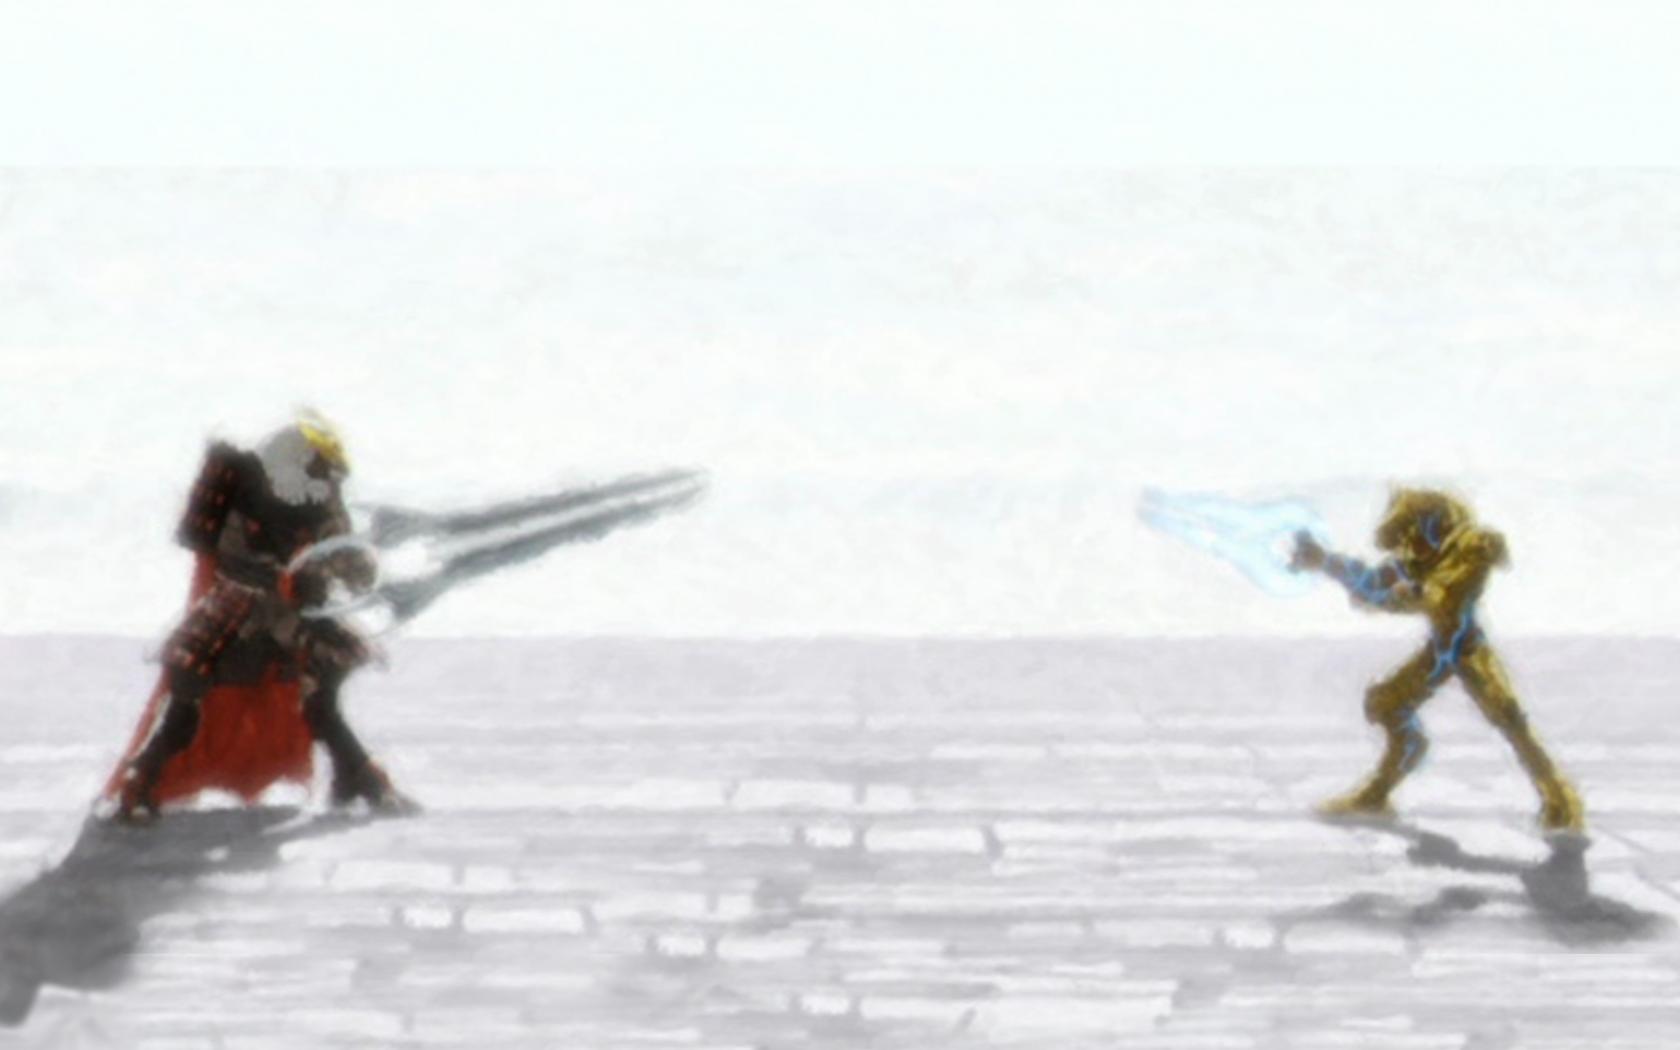 Risultato immagini per forerunner duel halo